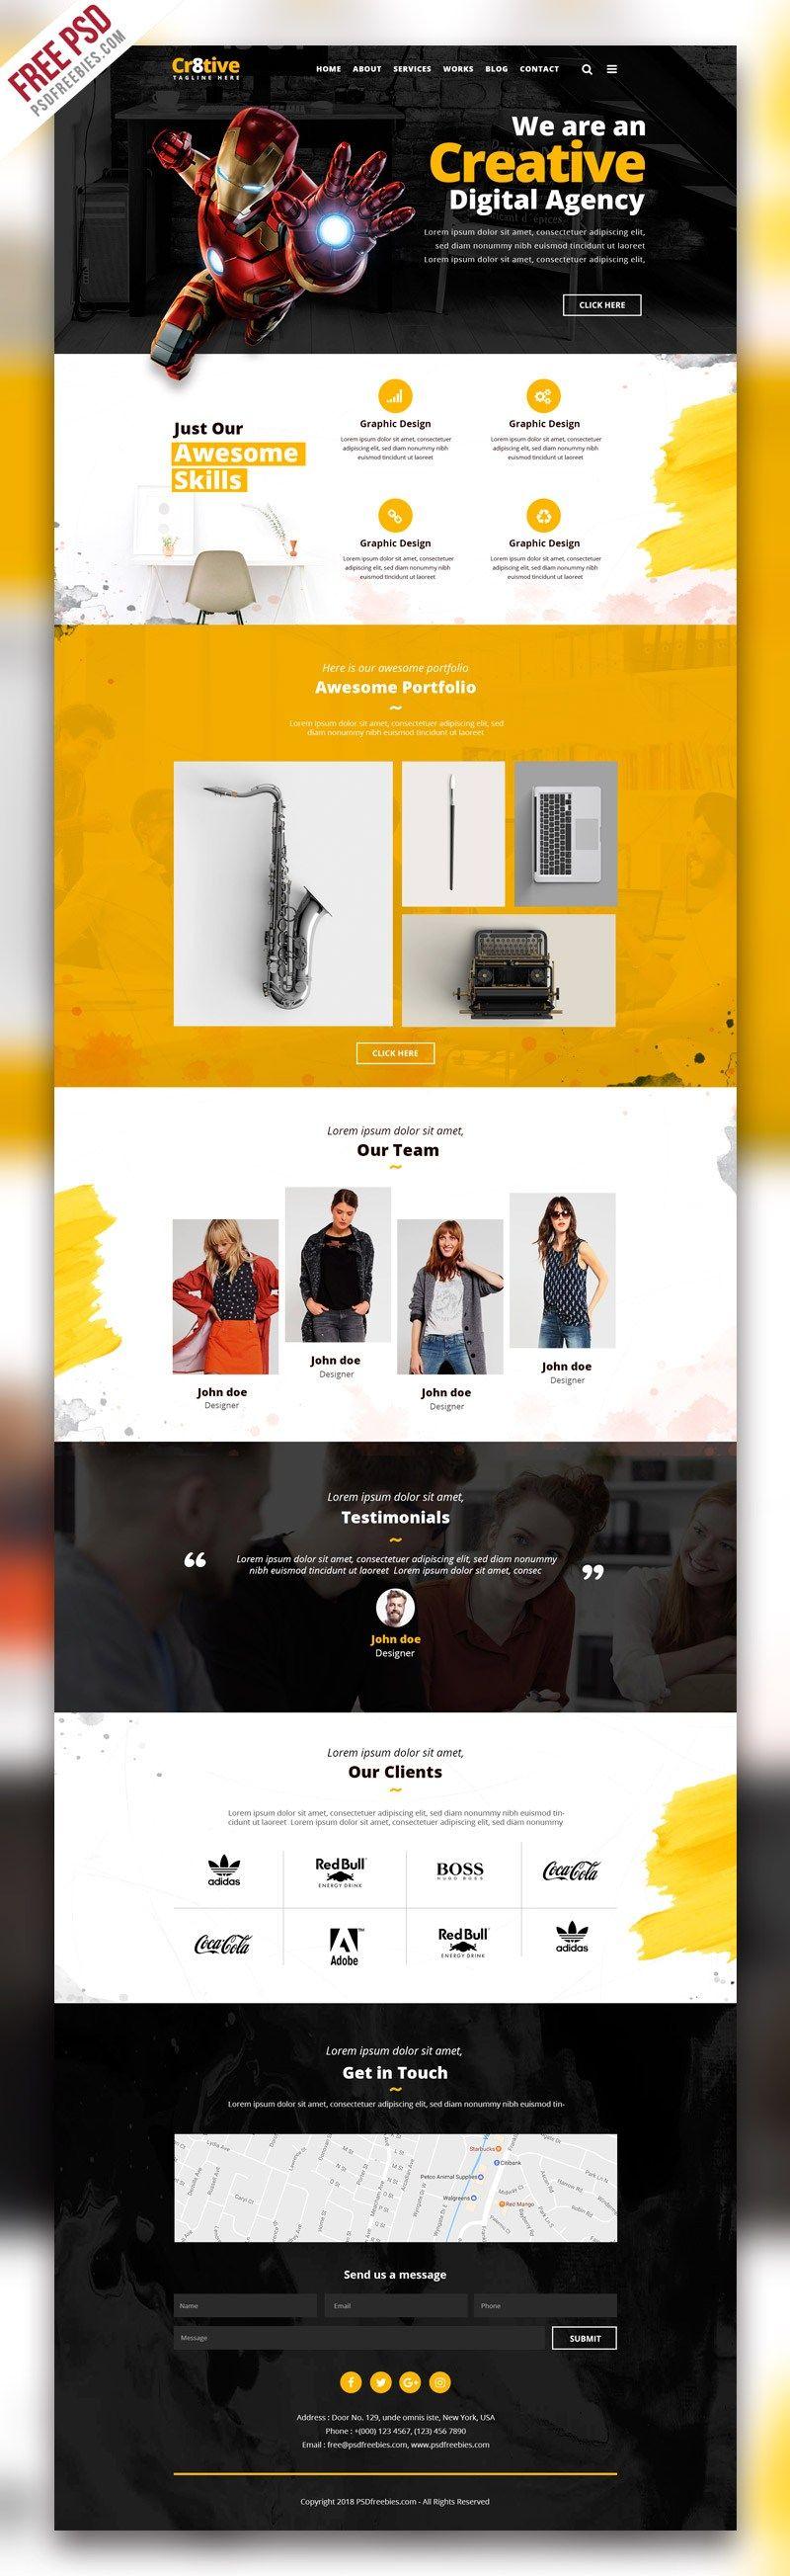 Creative Agency Portfolio Website Psd Template By Psdfreebies Com Website Design Portfolio Website Web Design Tips